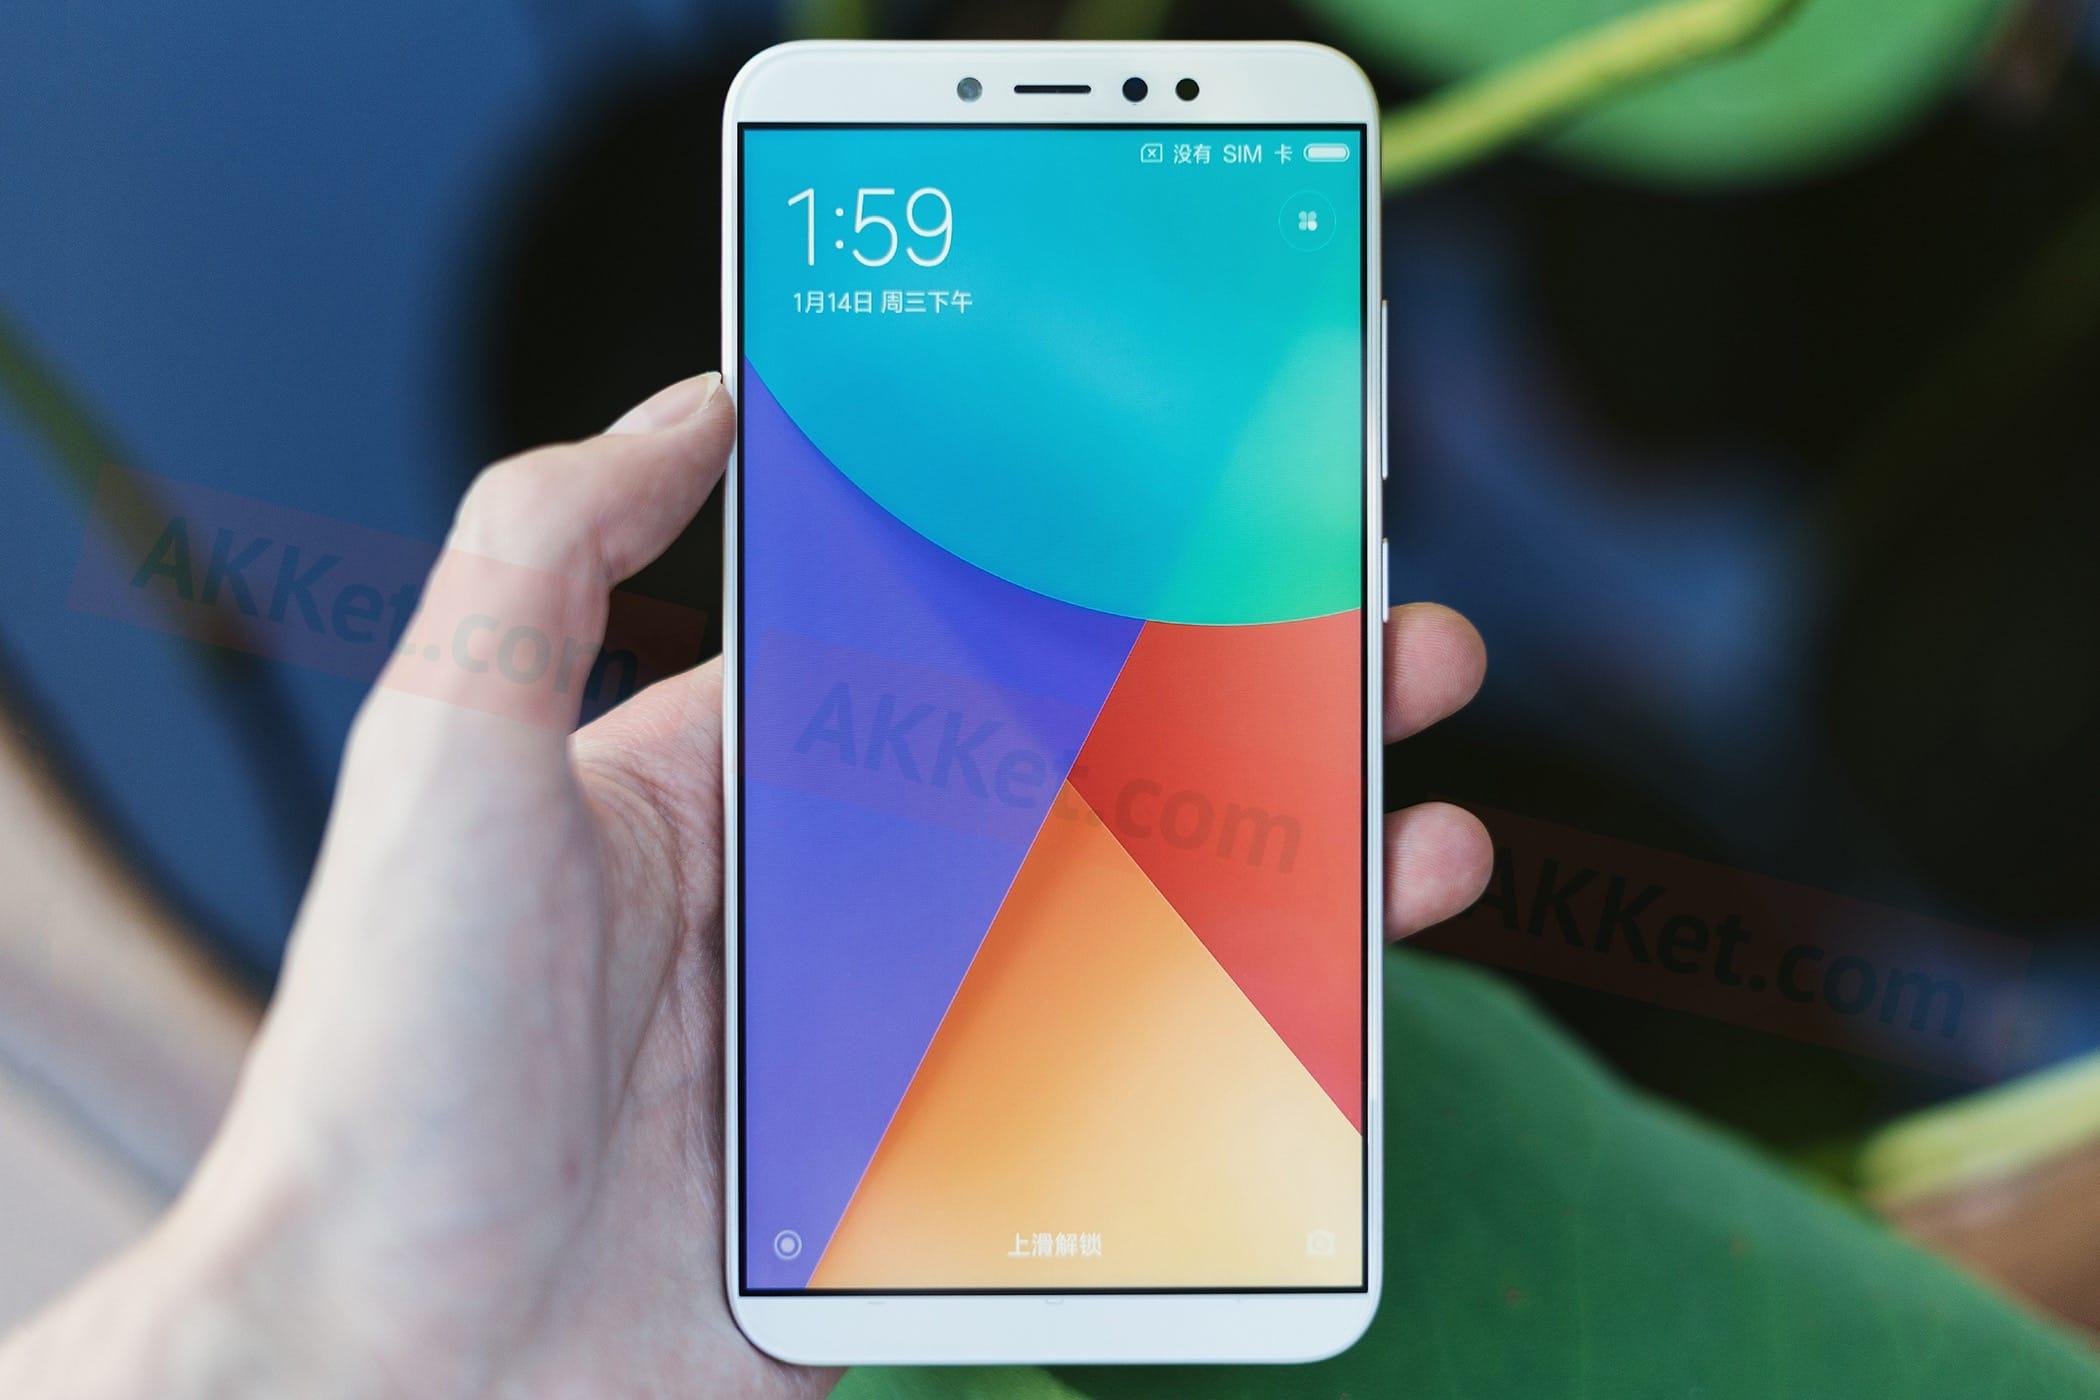 Xiaomi представила дешевые мобильные телефоны Redmi 5 иRedmi 5 Plus